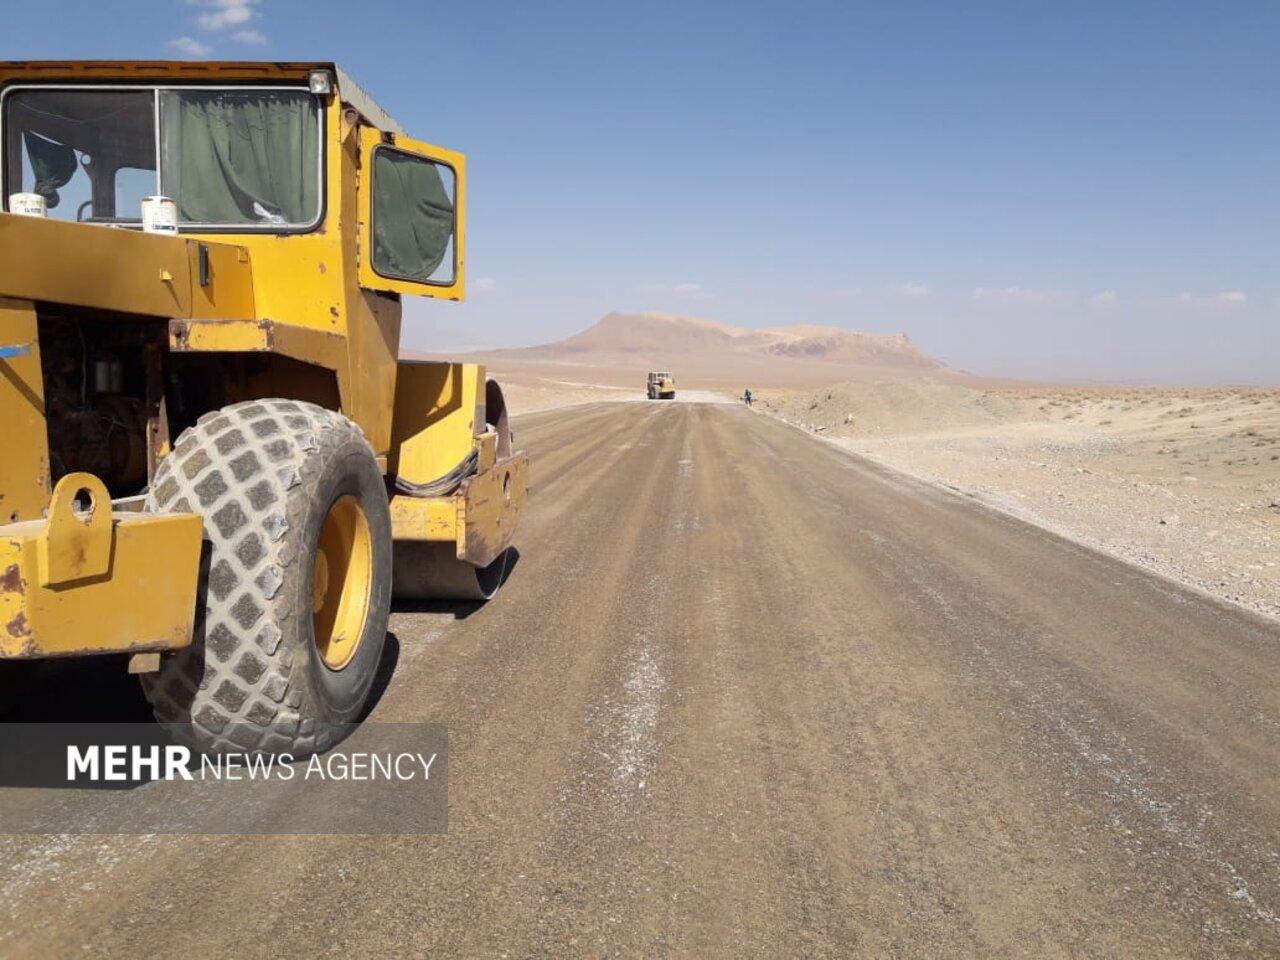 نیاز ۱۰۰۰ کیلومتر جاده در اصفهان به روکش آسفالت